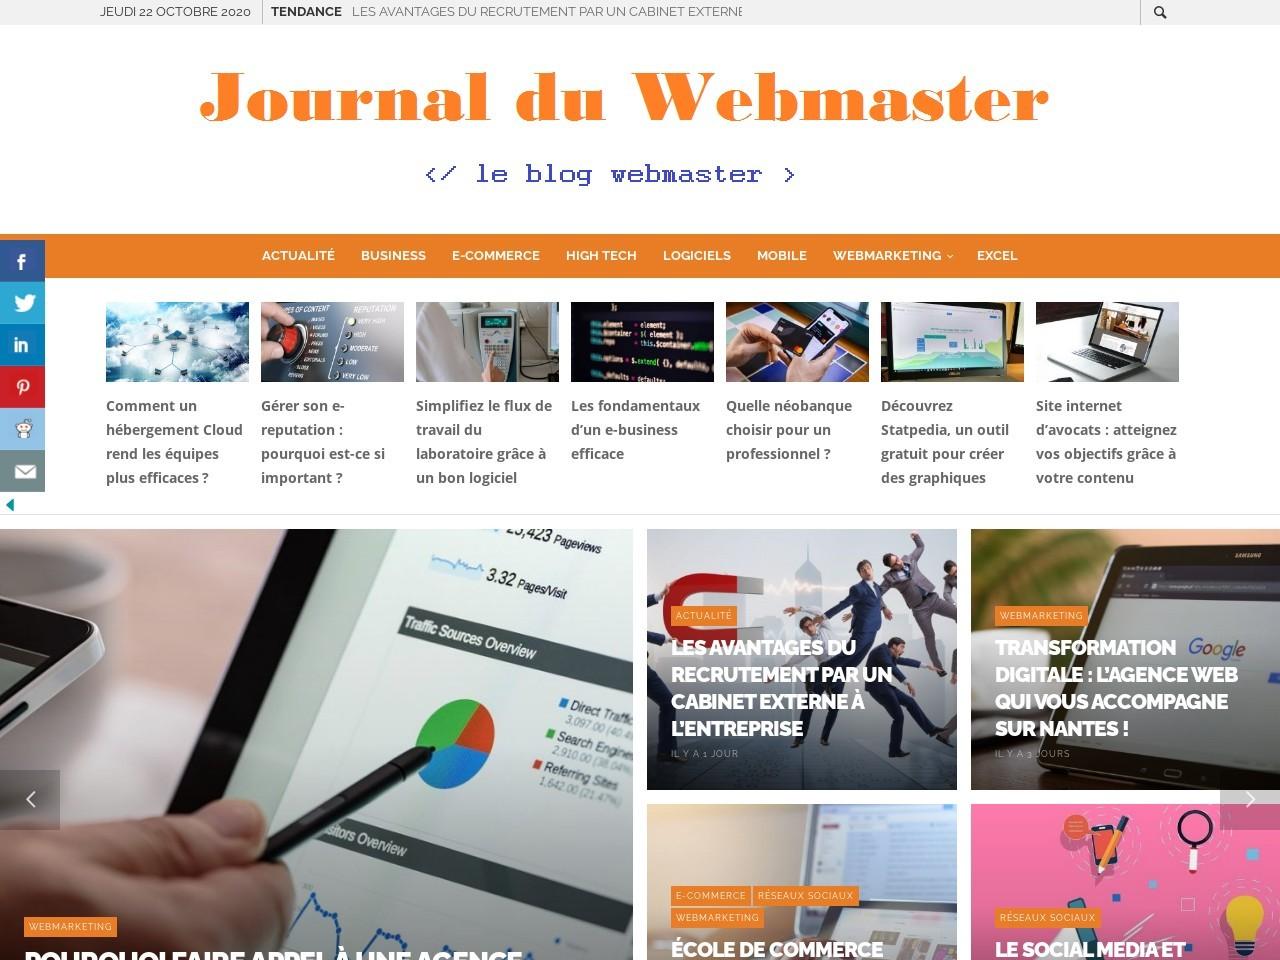 journalduwebmaster.com